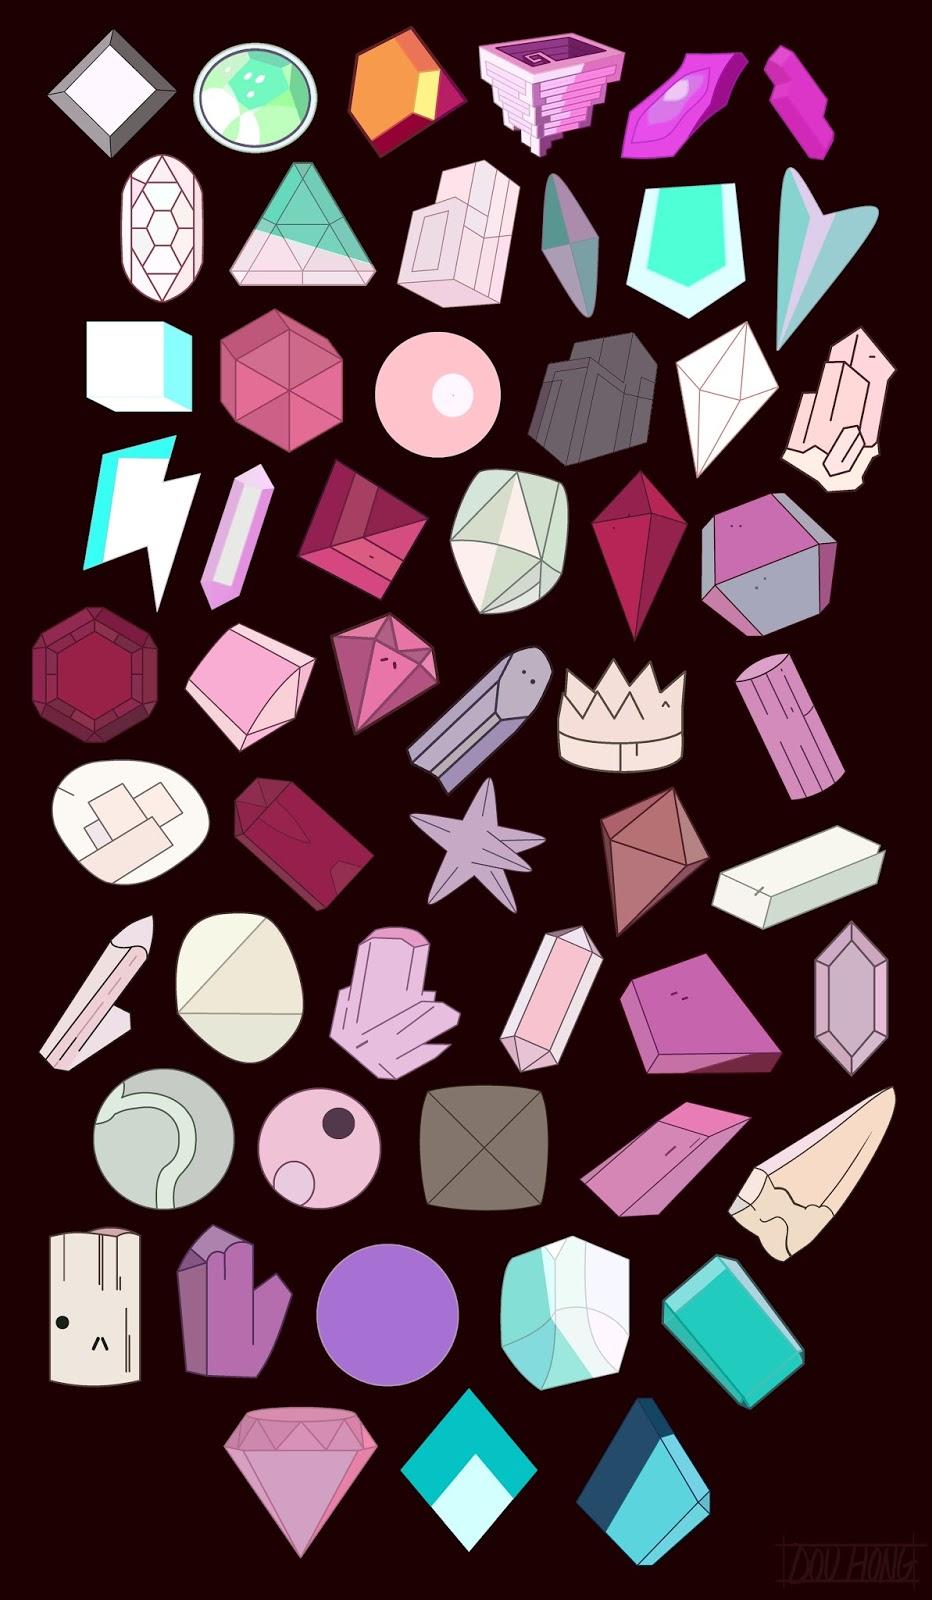 Dou Hong: Steven Universe Reference: Gemstones